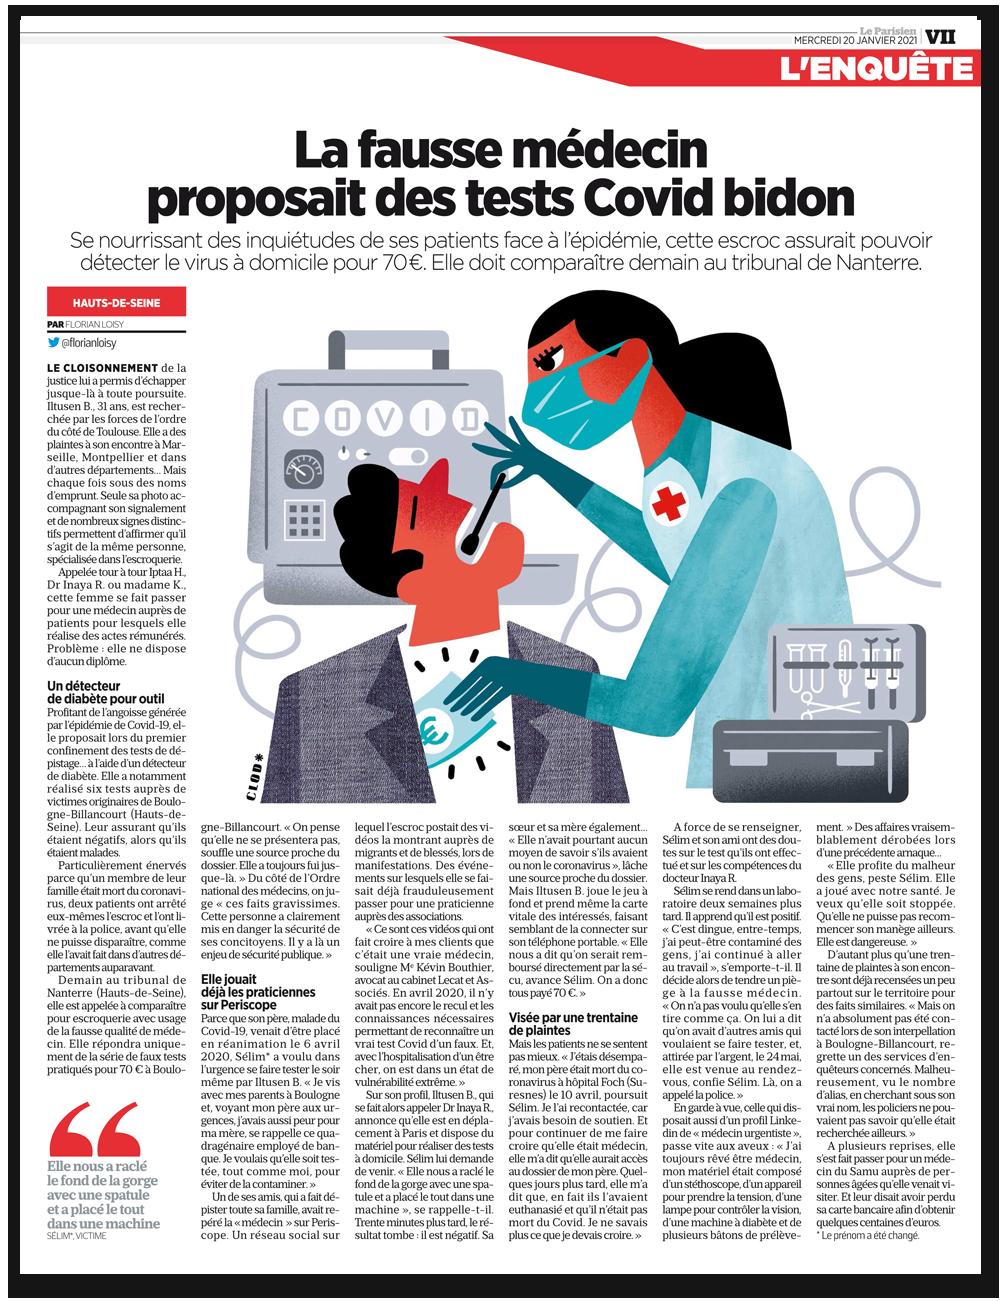 Le Parisien : la fausse médecin proposait des tests Covid bidon